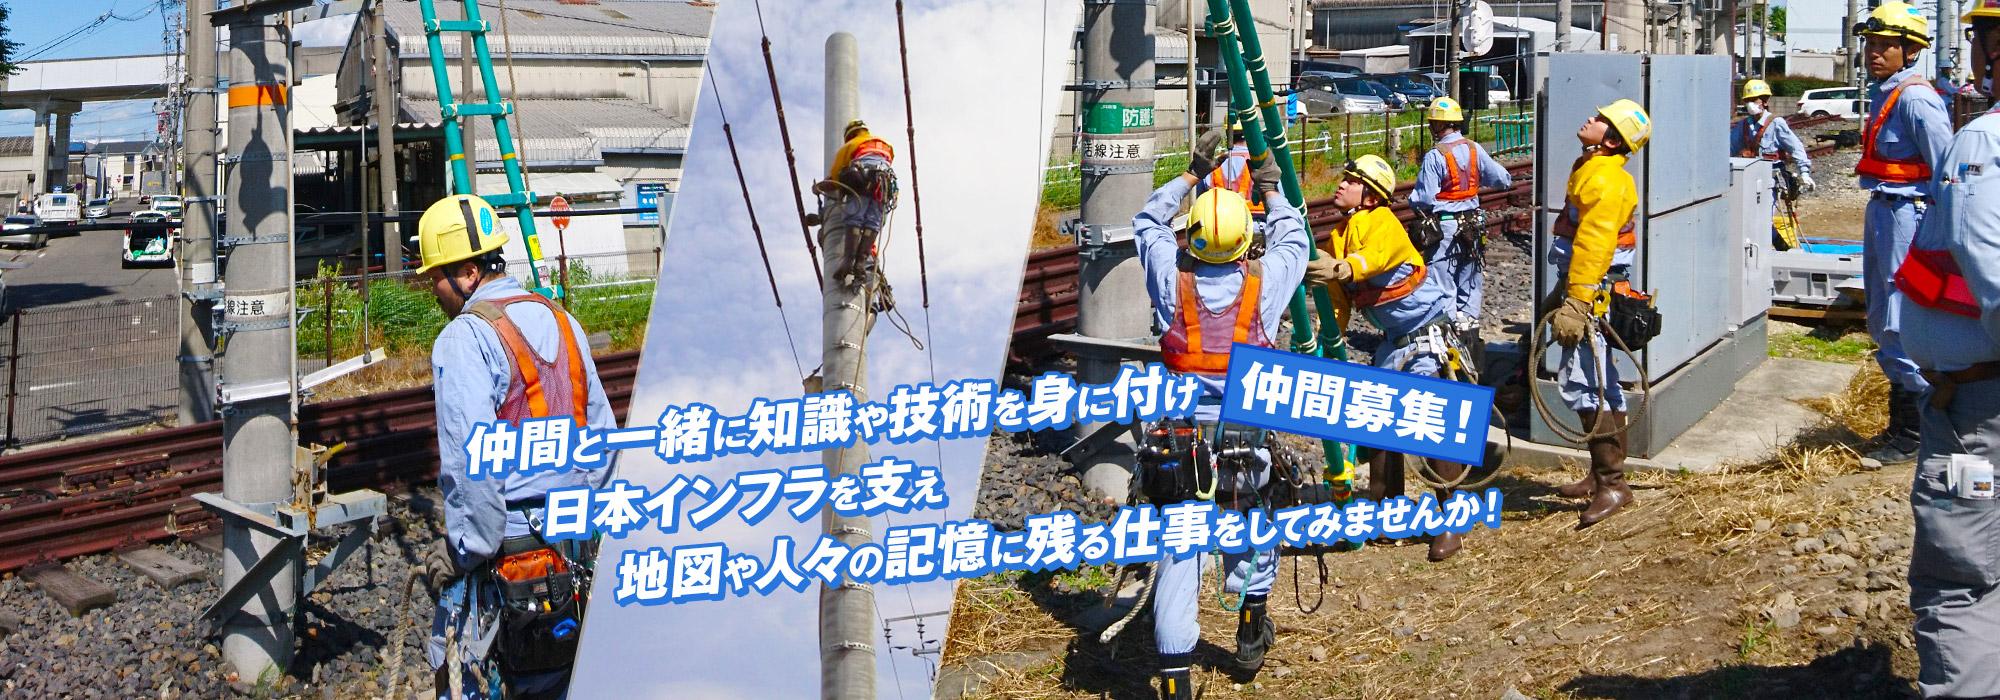 仲間募集!  仲間と一緒に知識や技術を身に付け  日本インフラを支え 地図や人々の記憶に残る仕事をしてみませんか!